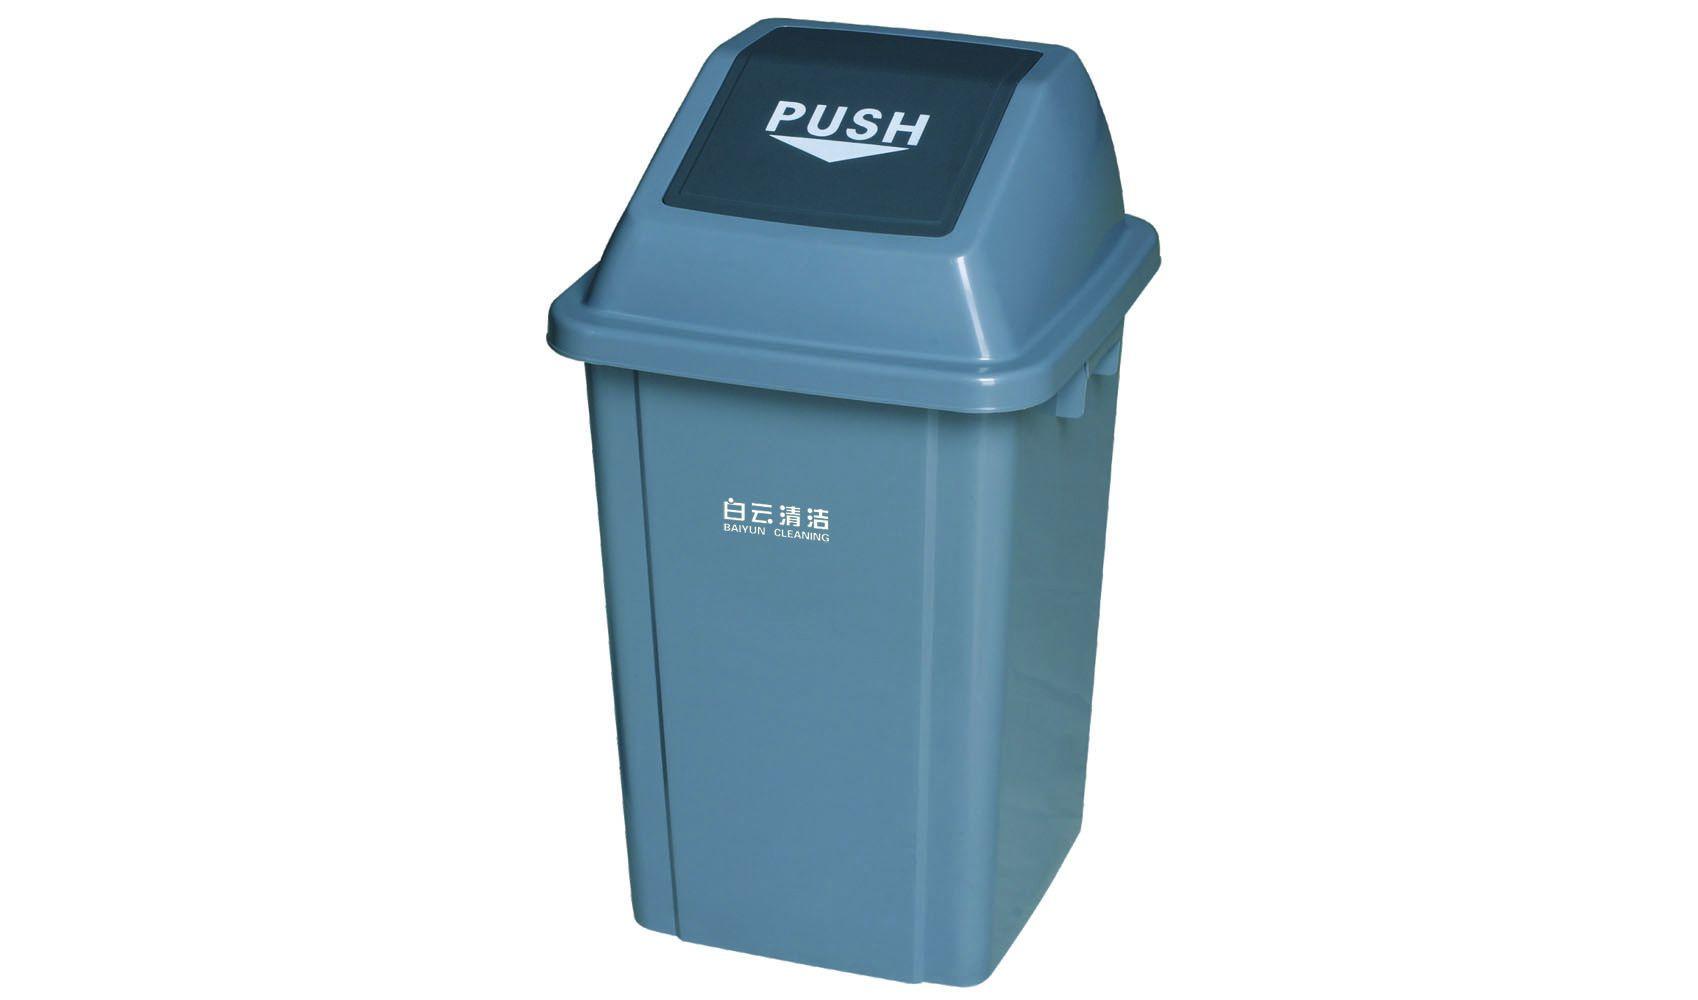 回收 垃圾桶 垃圾箱 1698_1000